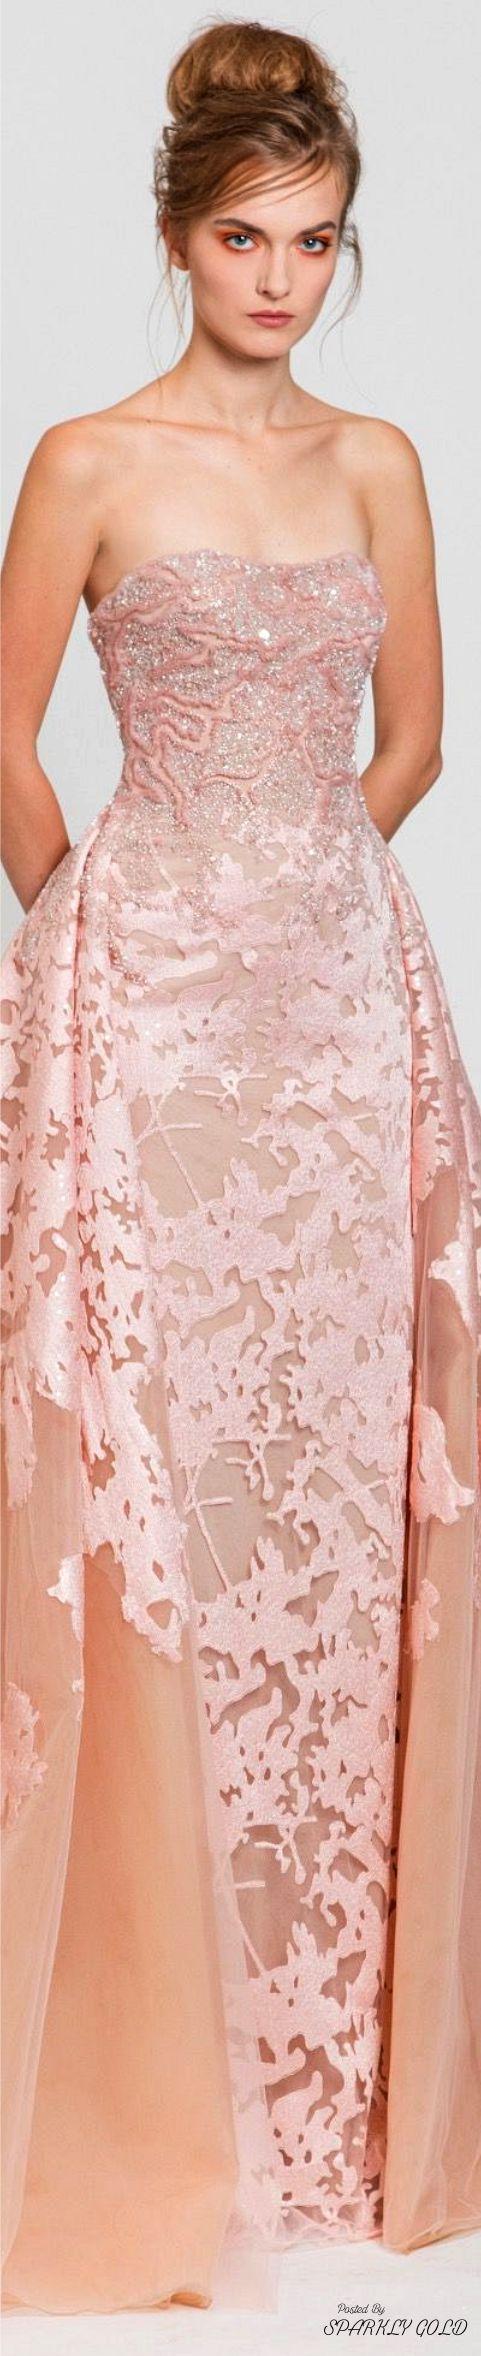 75 o más mejores imágenes en Gowns en Pinterest | Alta costura ...